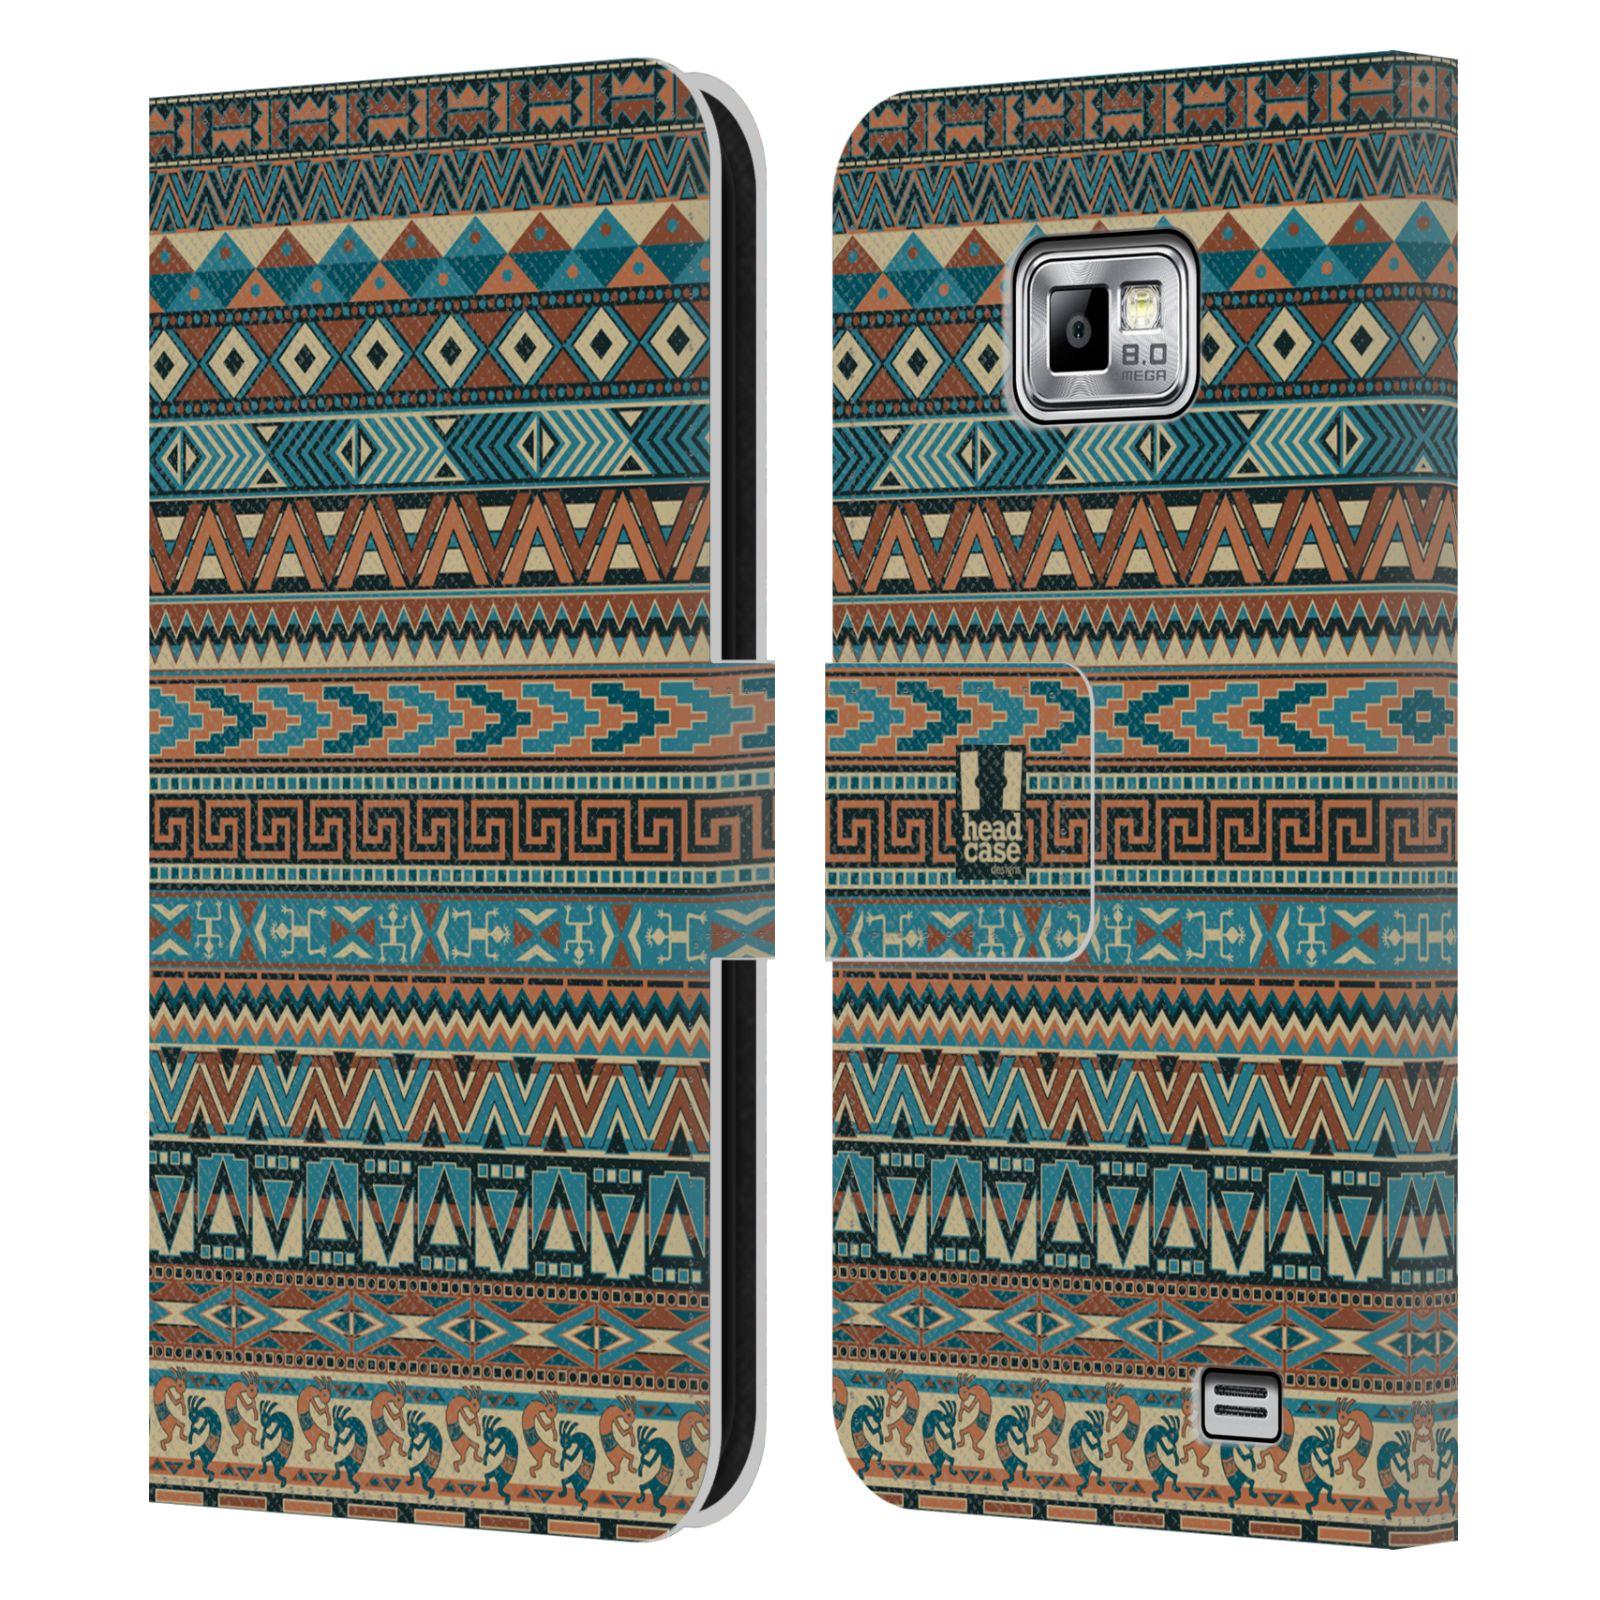 HEAD CASE Flipové pouzdro pro mobil Samsung Galaxy S2 i9100 Indiánský vzor  BLUE modrá 08dfca77964